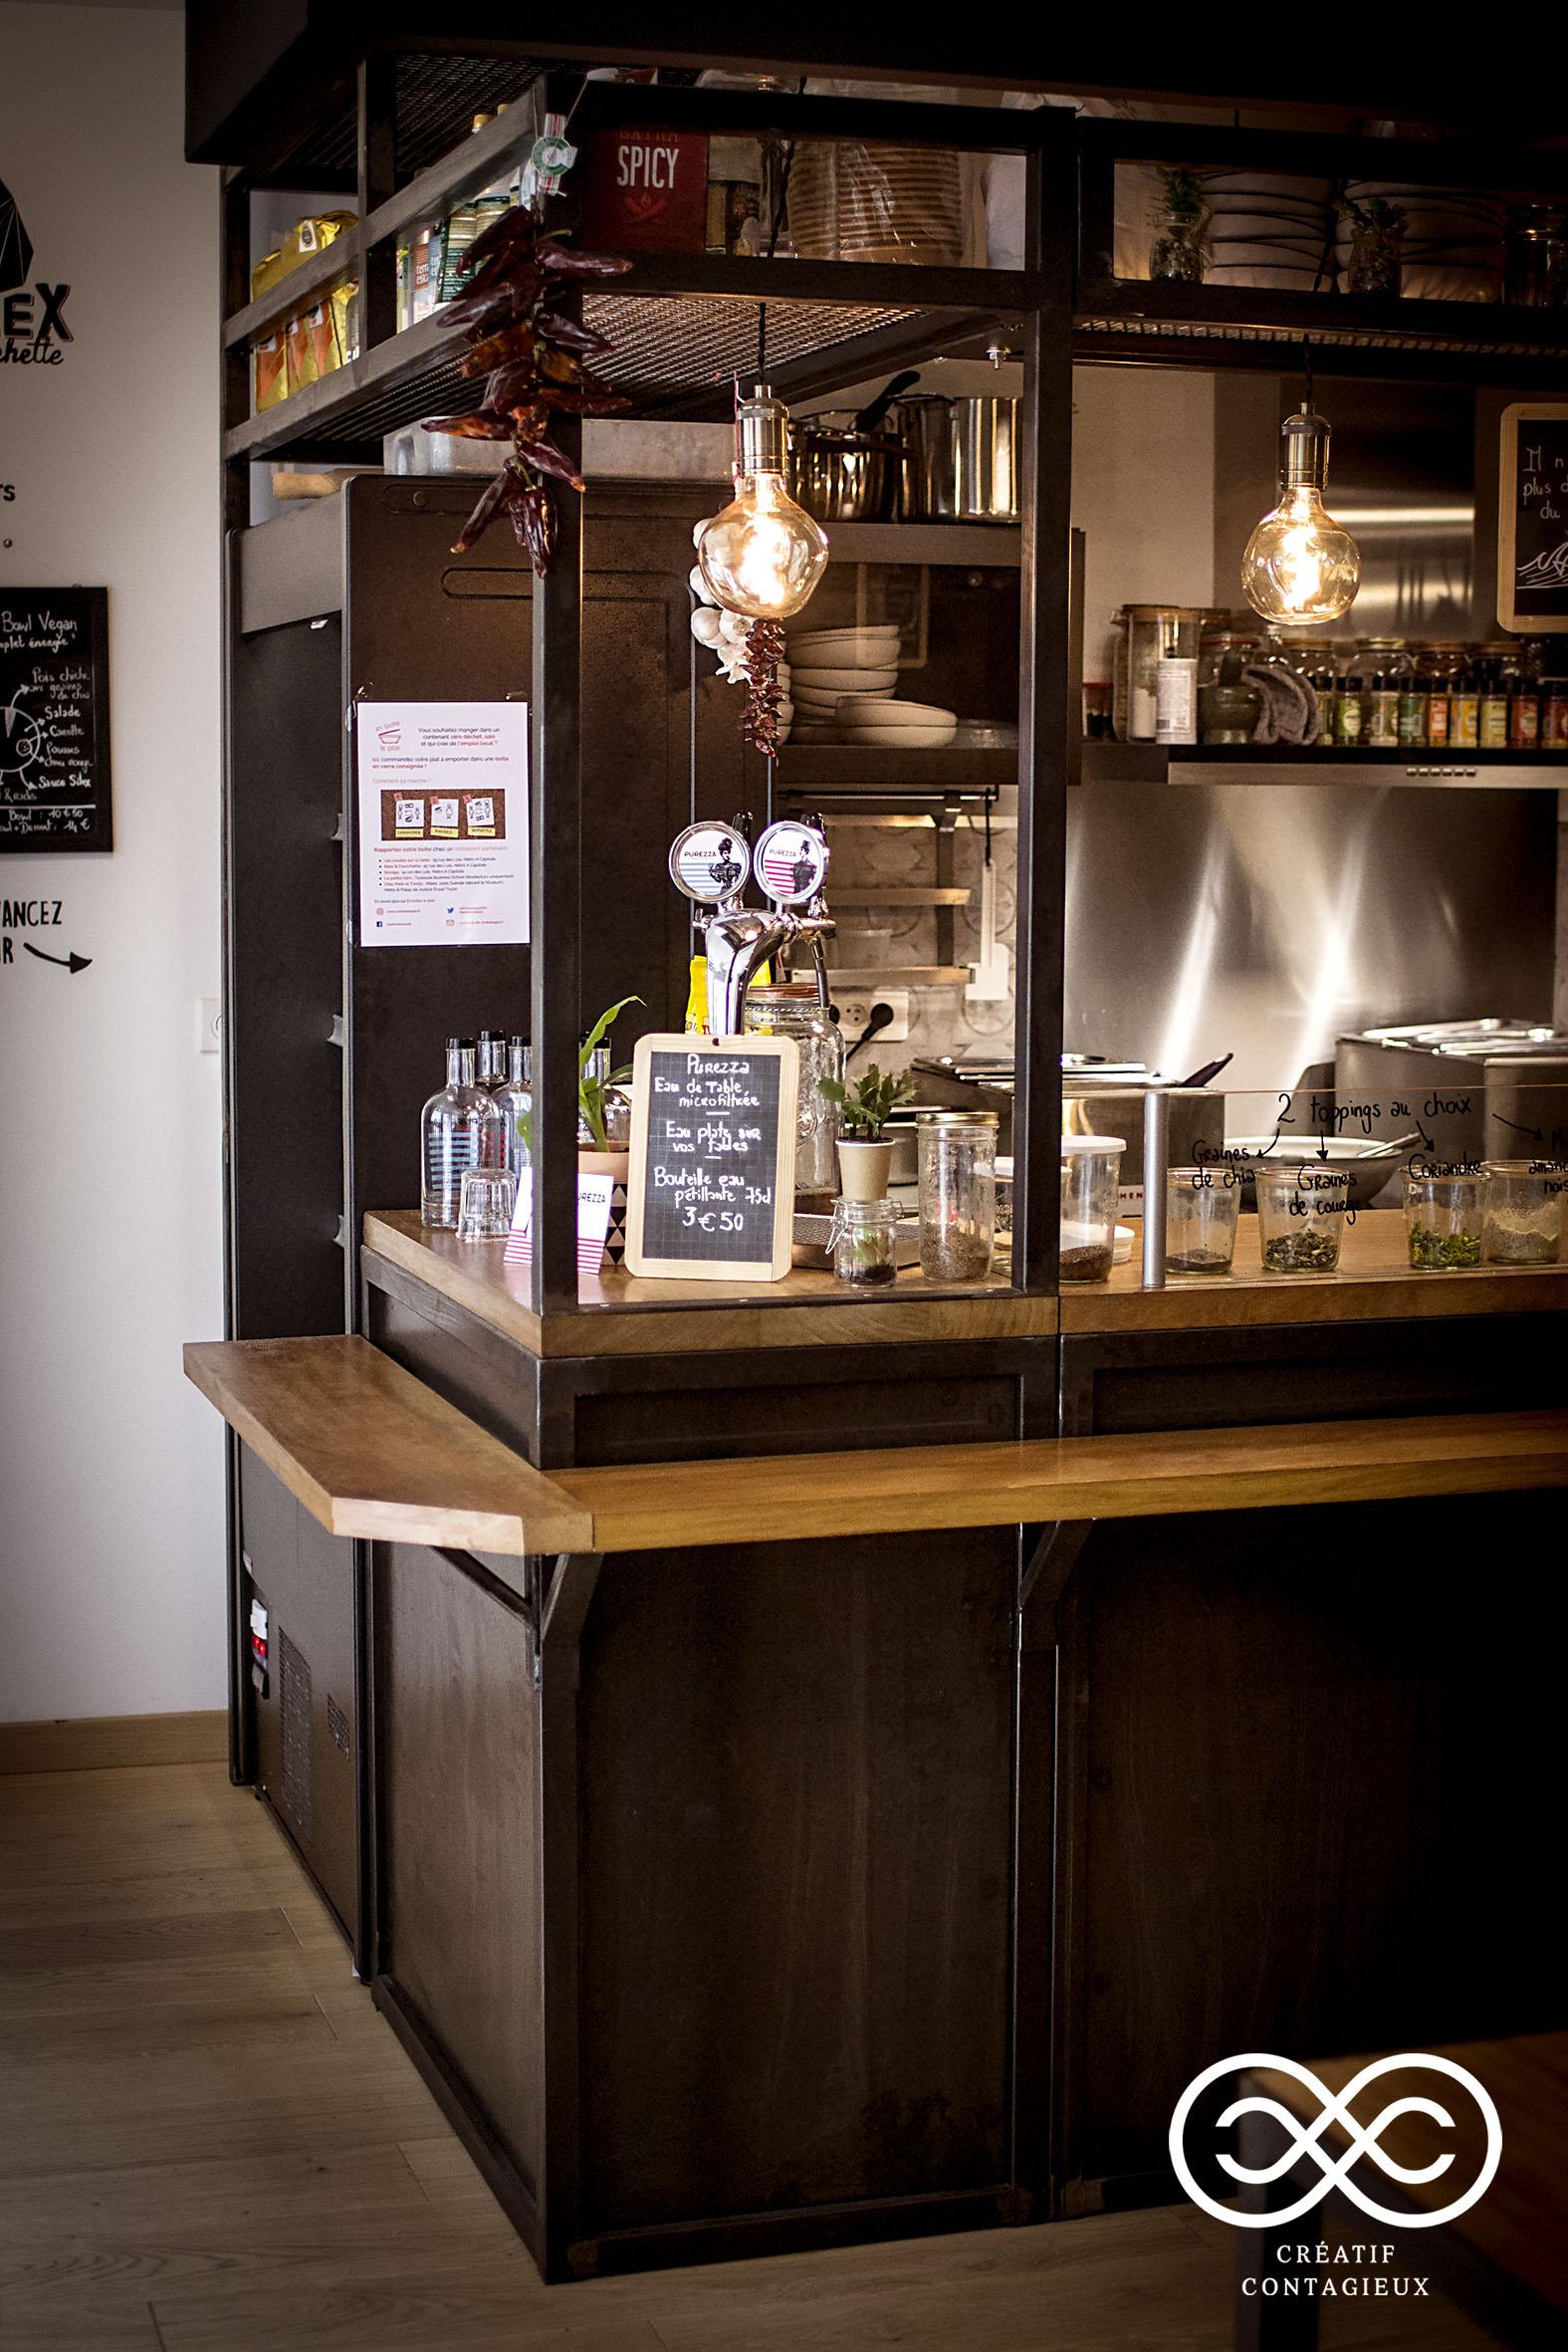 Créatif Contagieux Aménagement Restaurant d'espace sur mesure style industriel